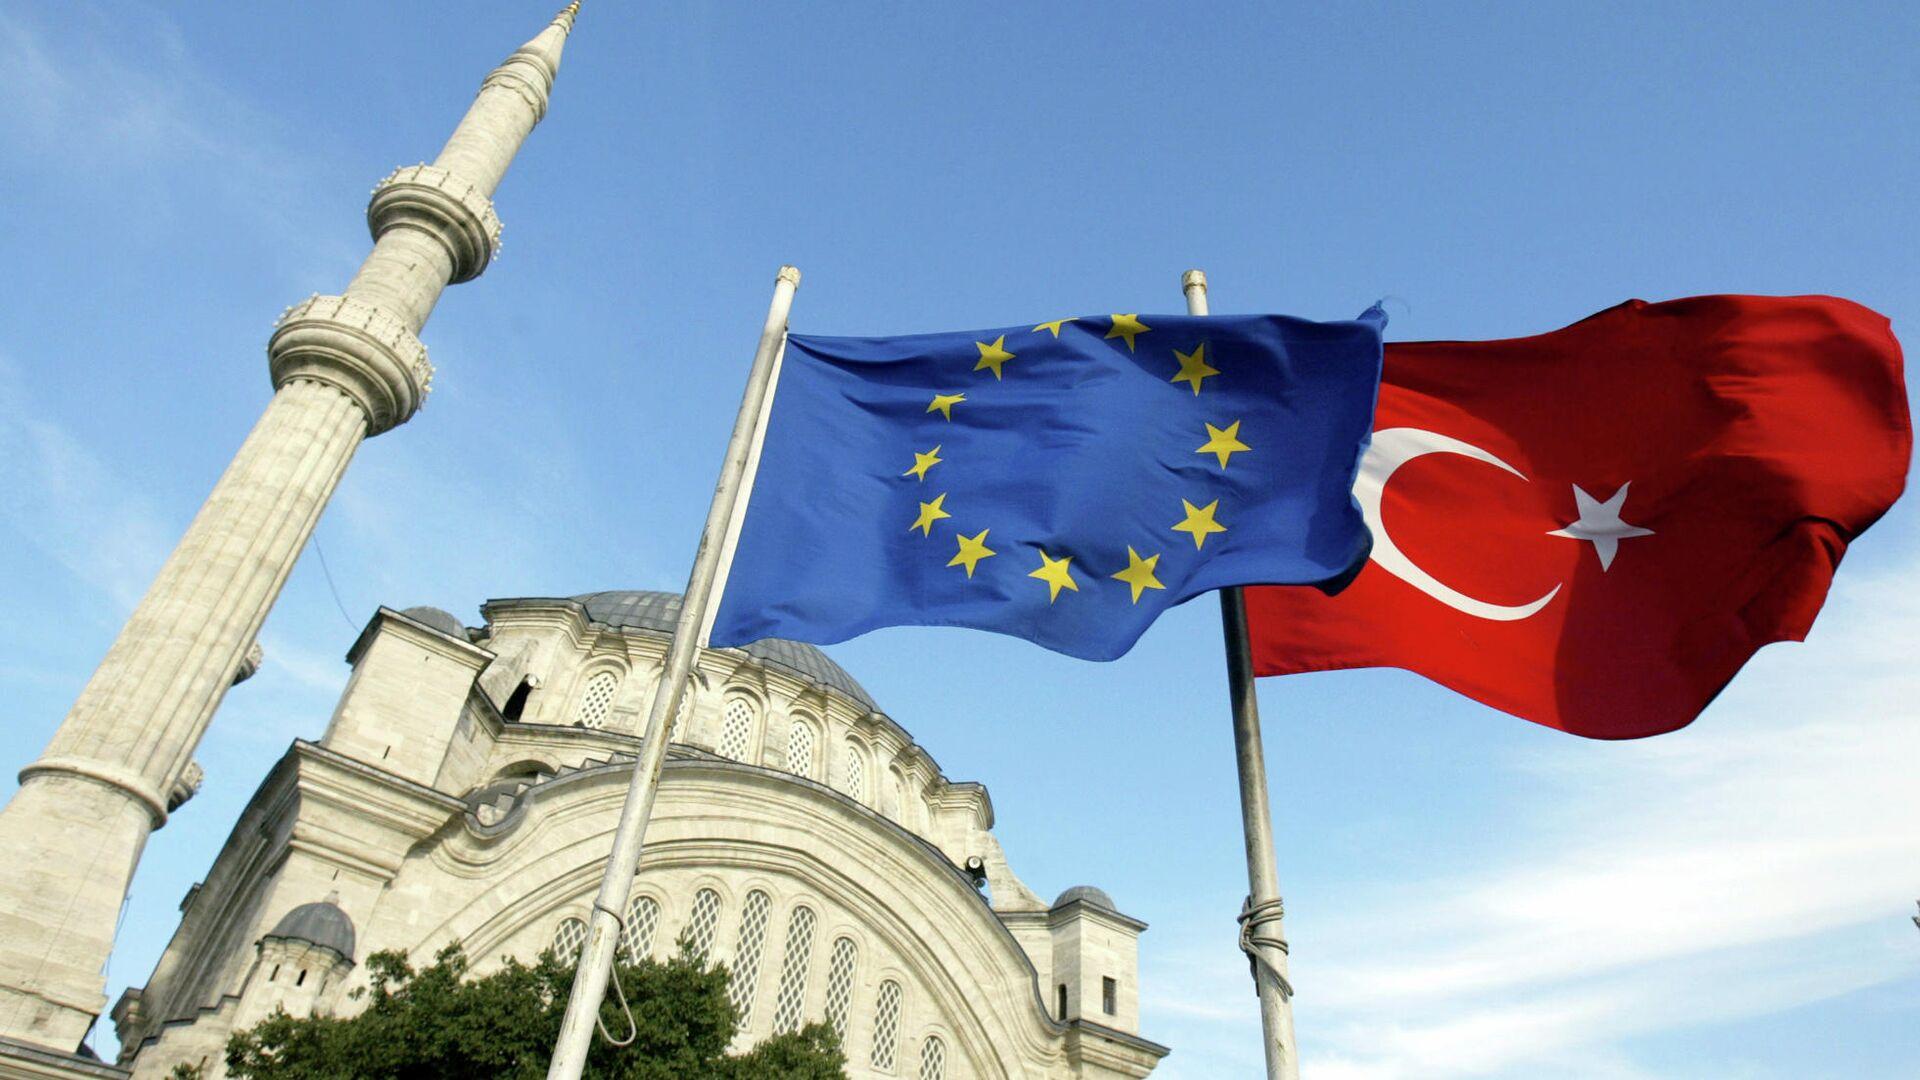 Флаги Турции и ЕС перед мечетью в Стамбуле  - РИА Новости, 1920, 11.12.2020